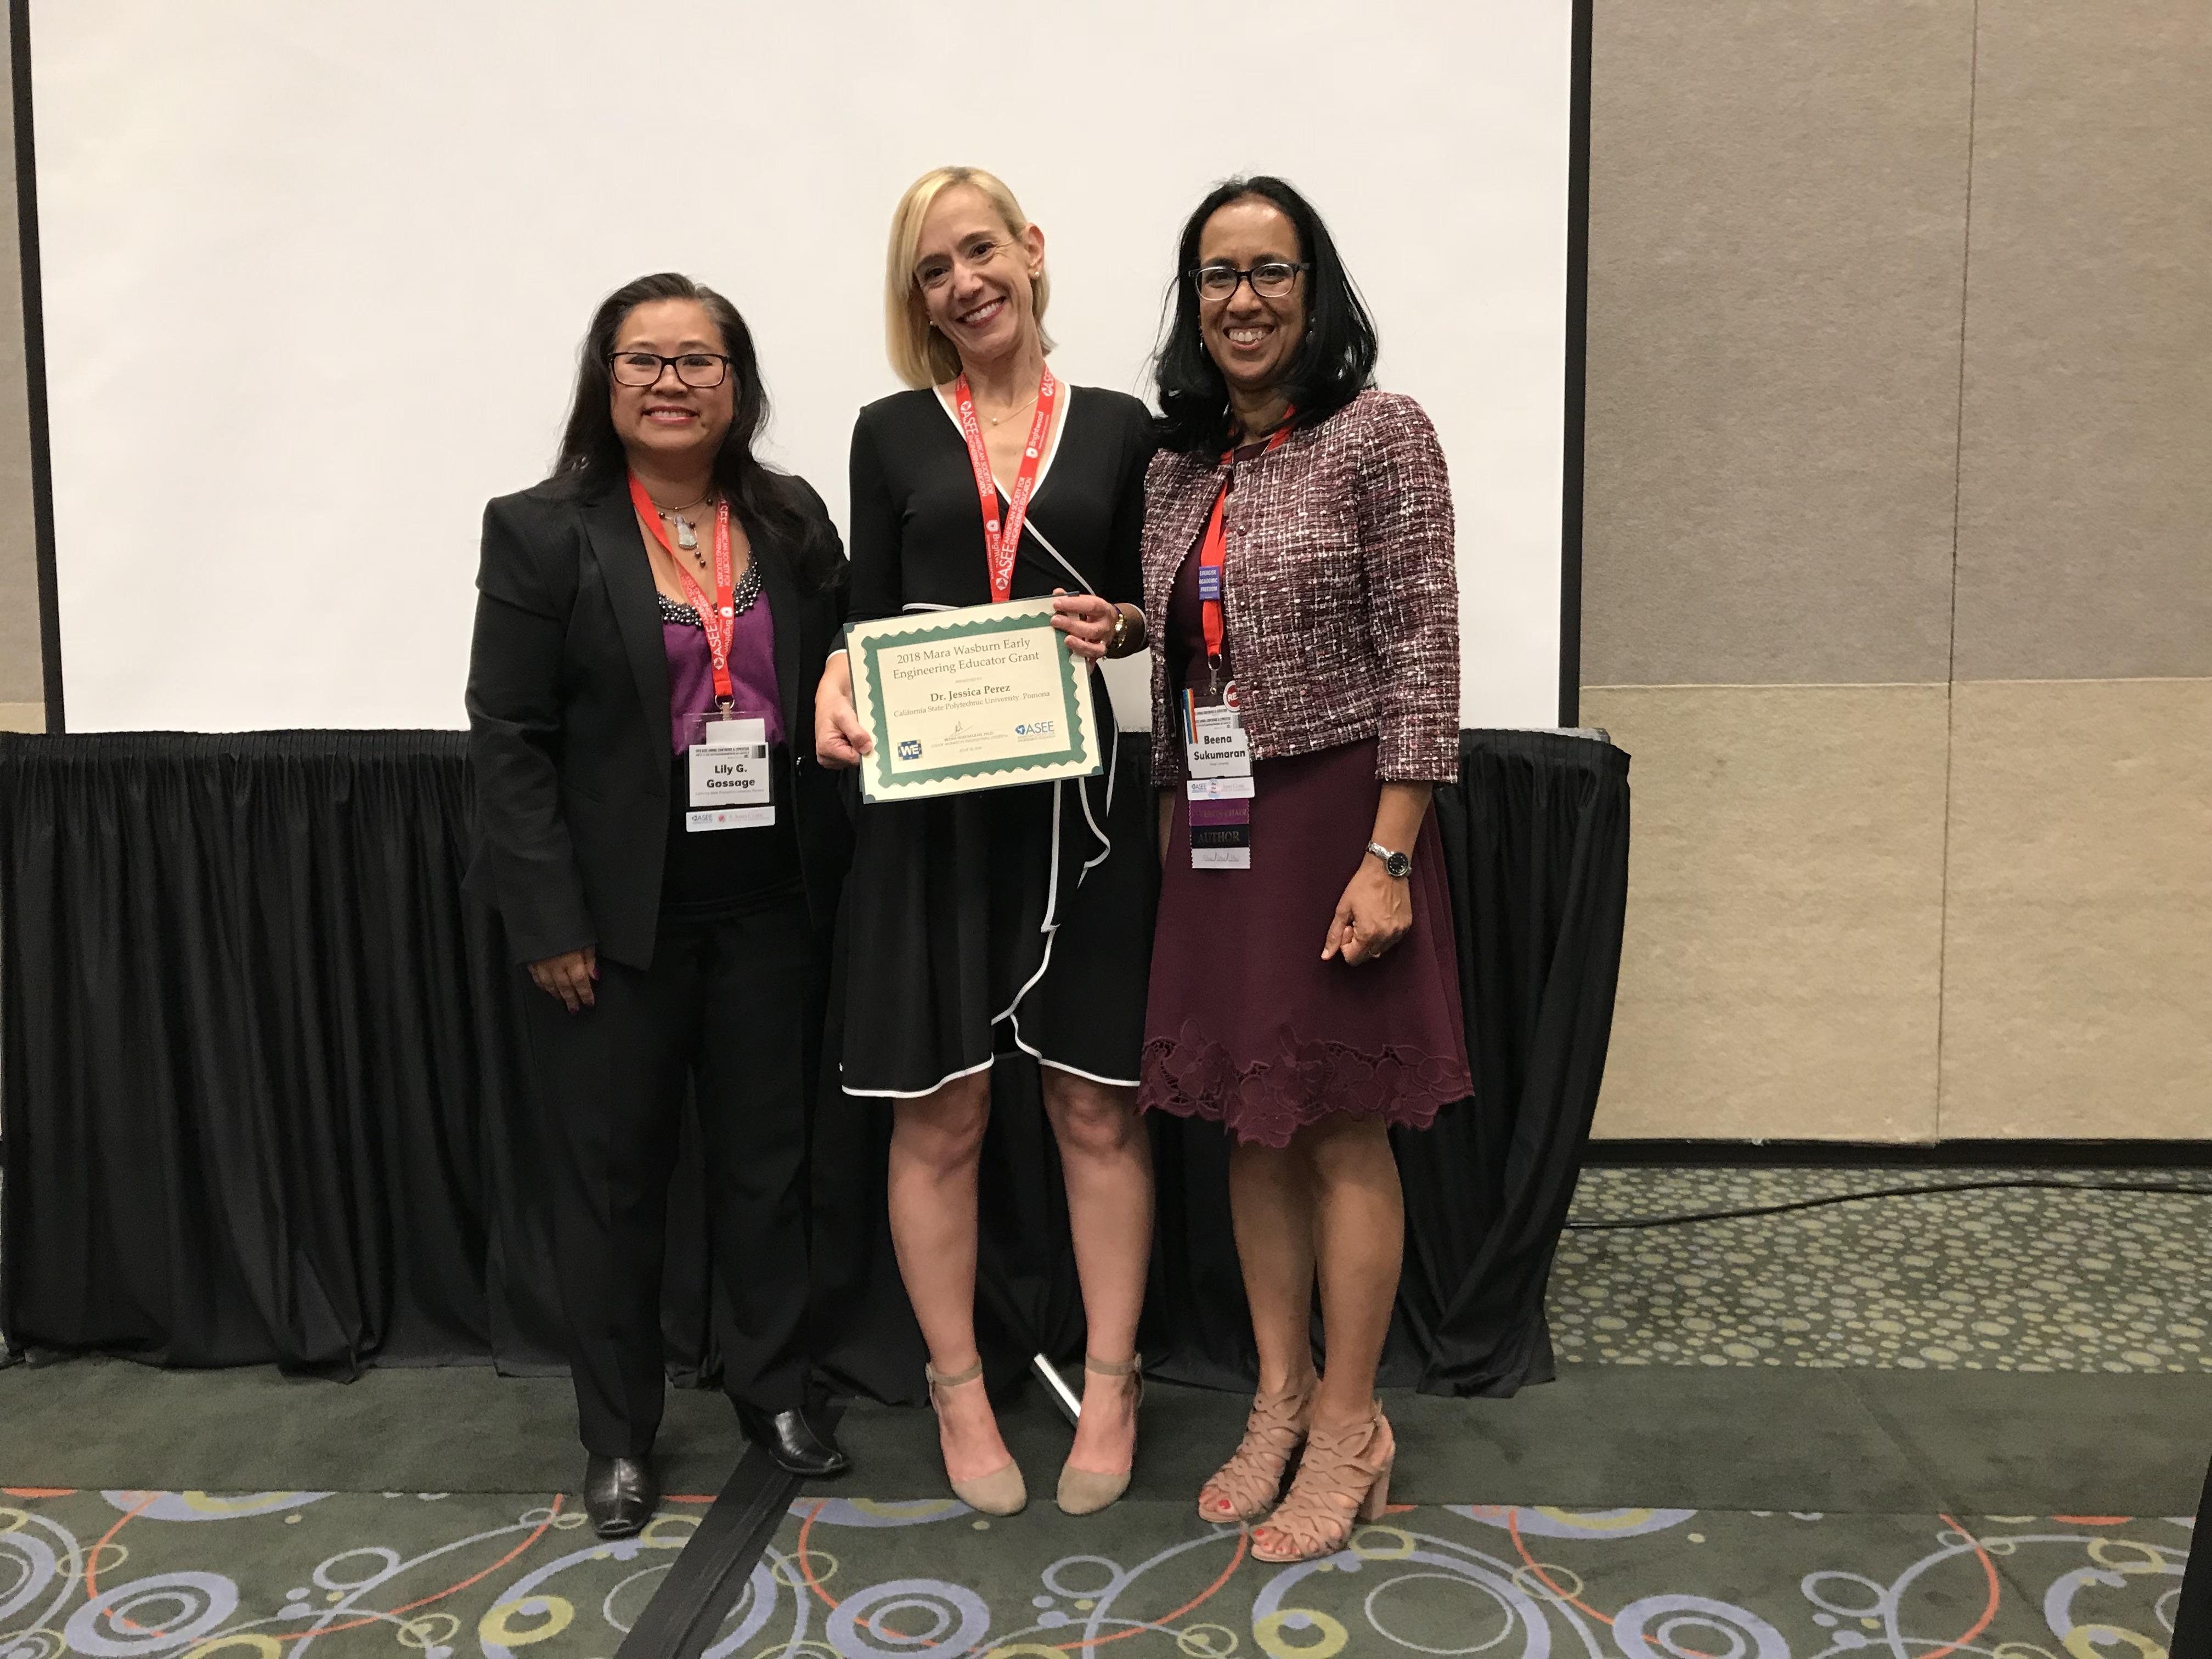 2018 Wasburg EEEG Award